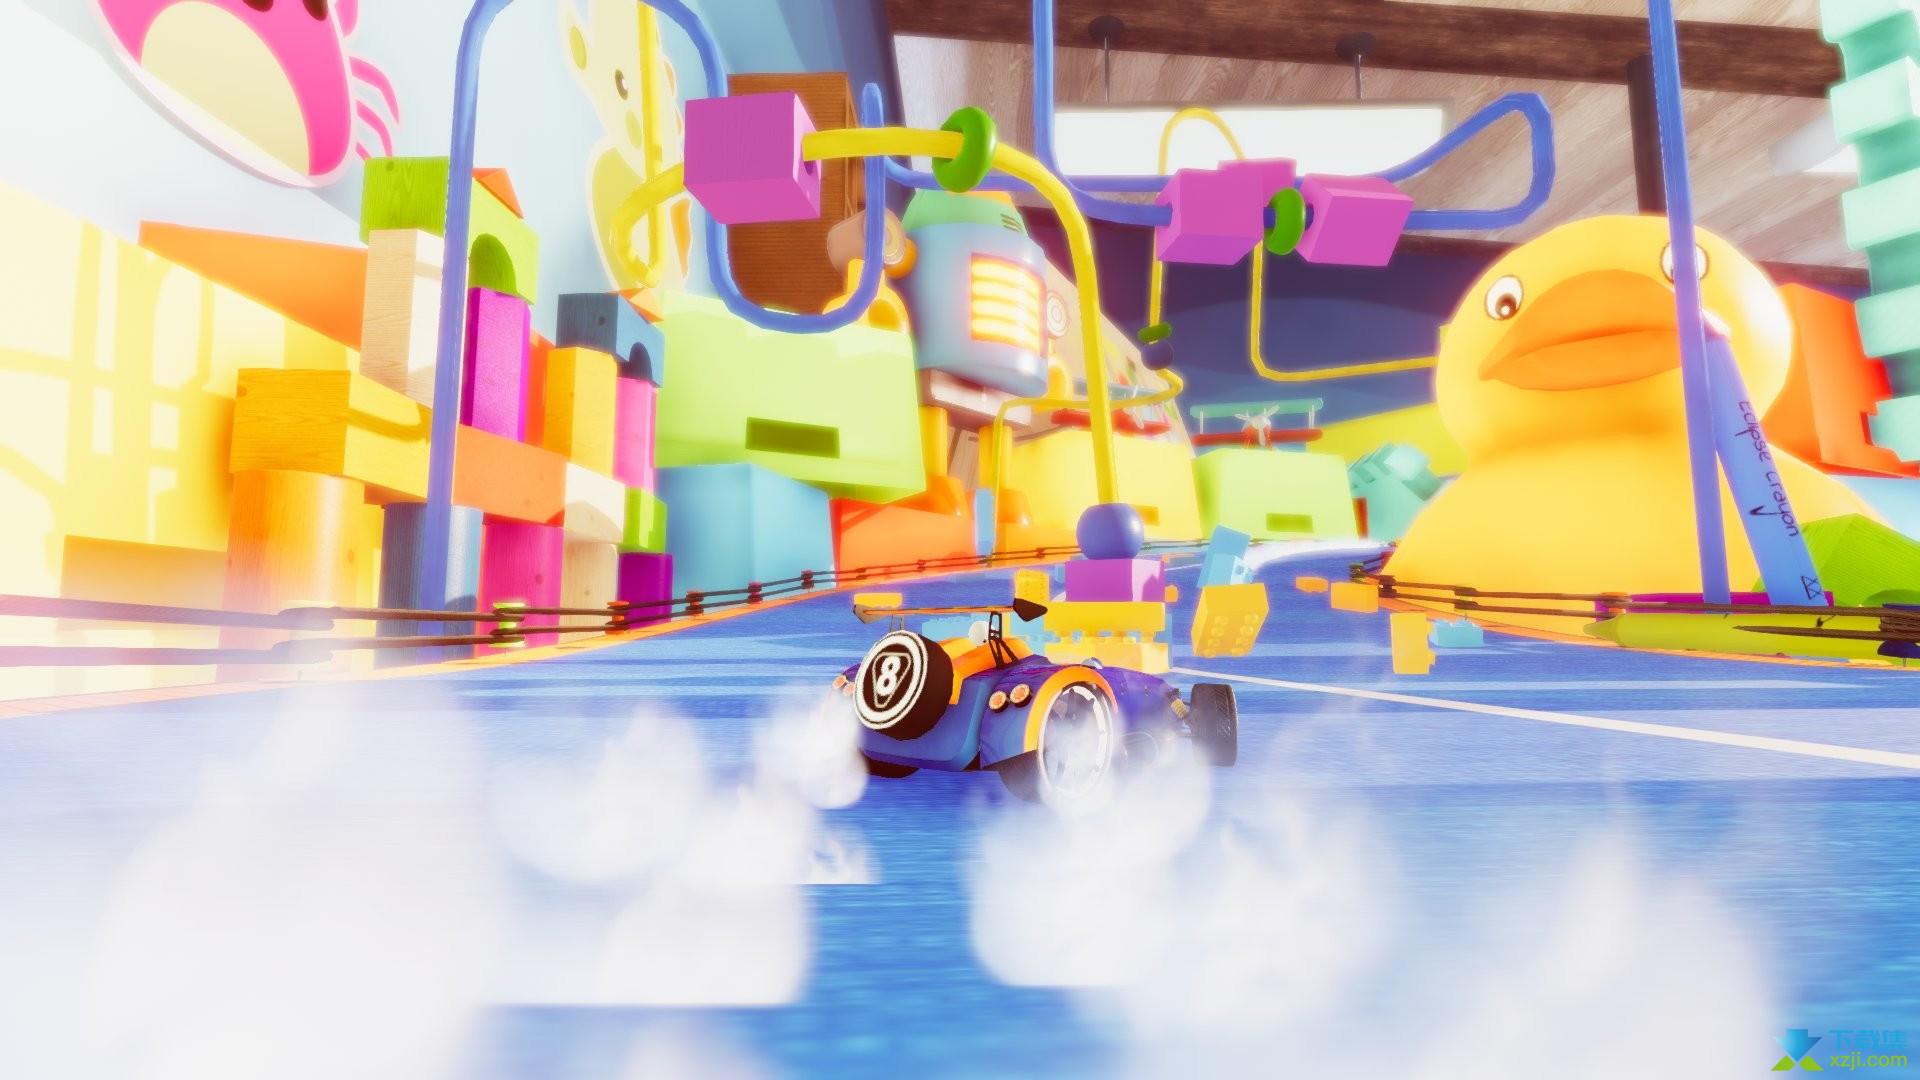 超级玩具车2界面3